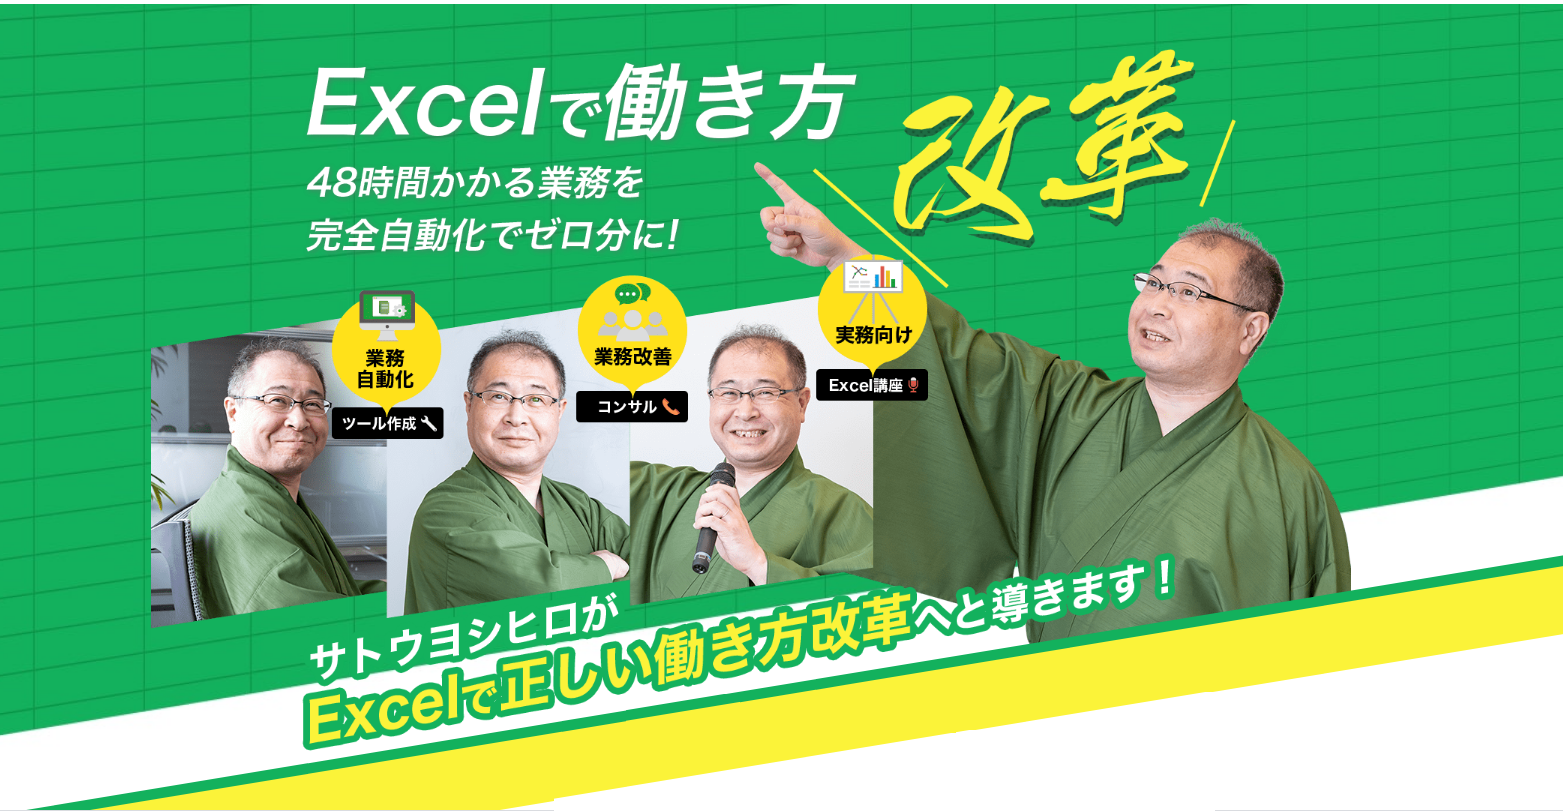 EXCELで働き方改革 ~進化したEXCELでの業務改善~【プレジデント社 ✖ ITC-Pro東京共催】